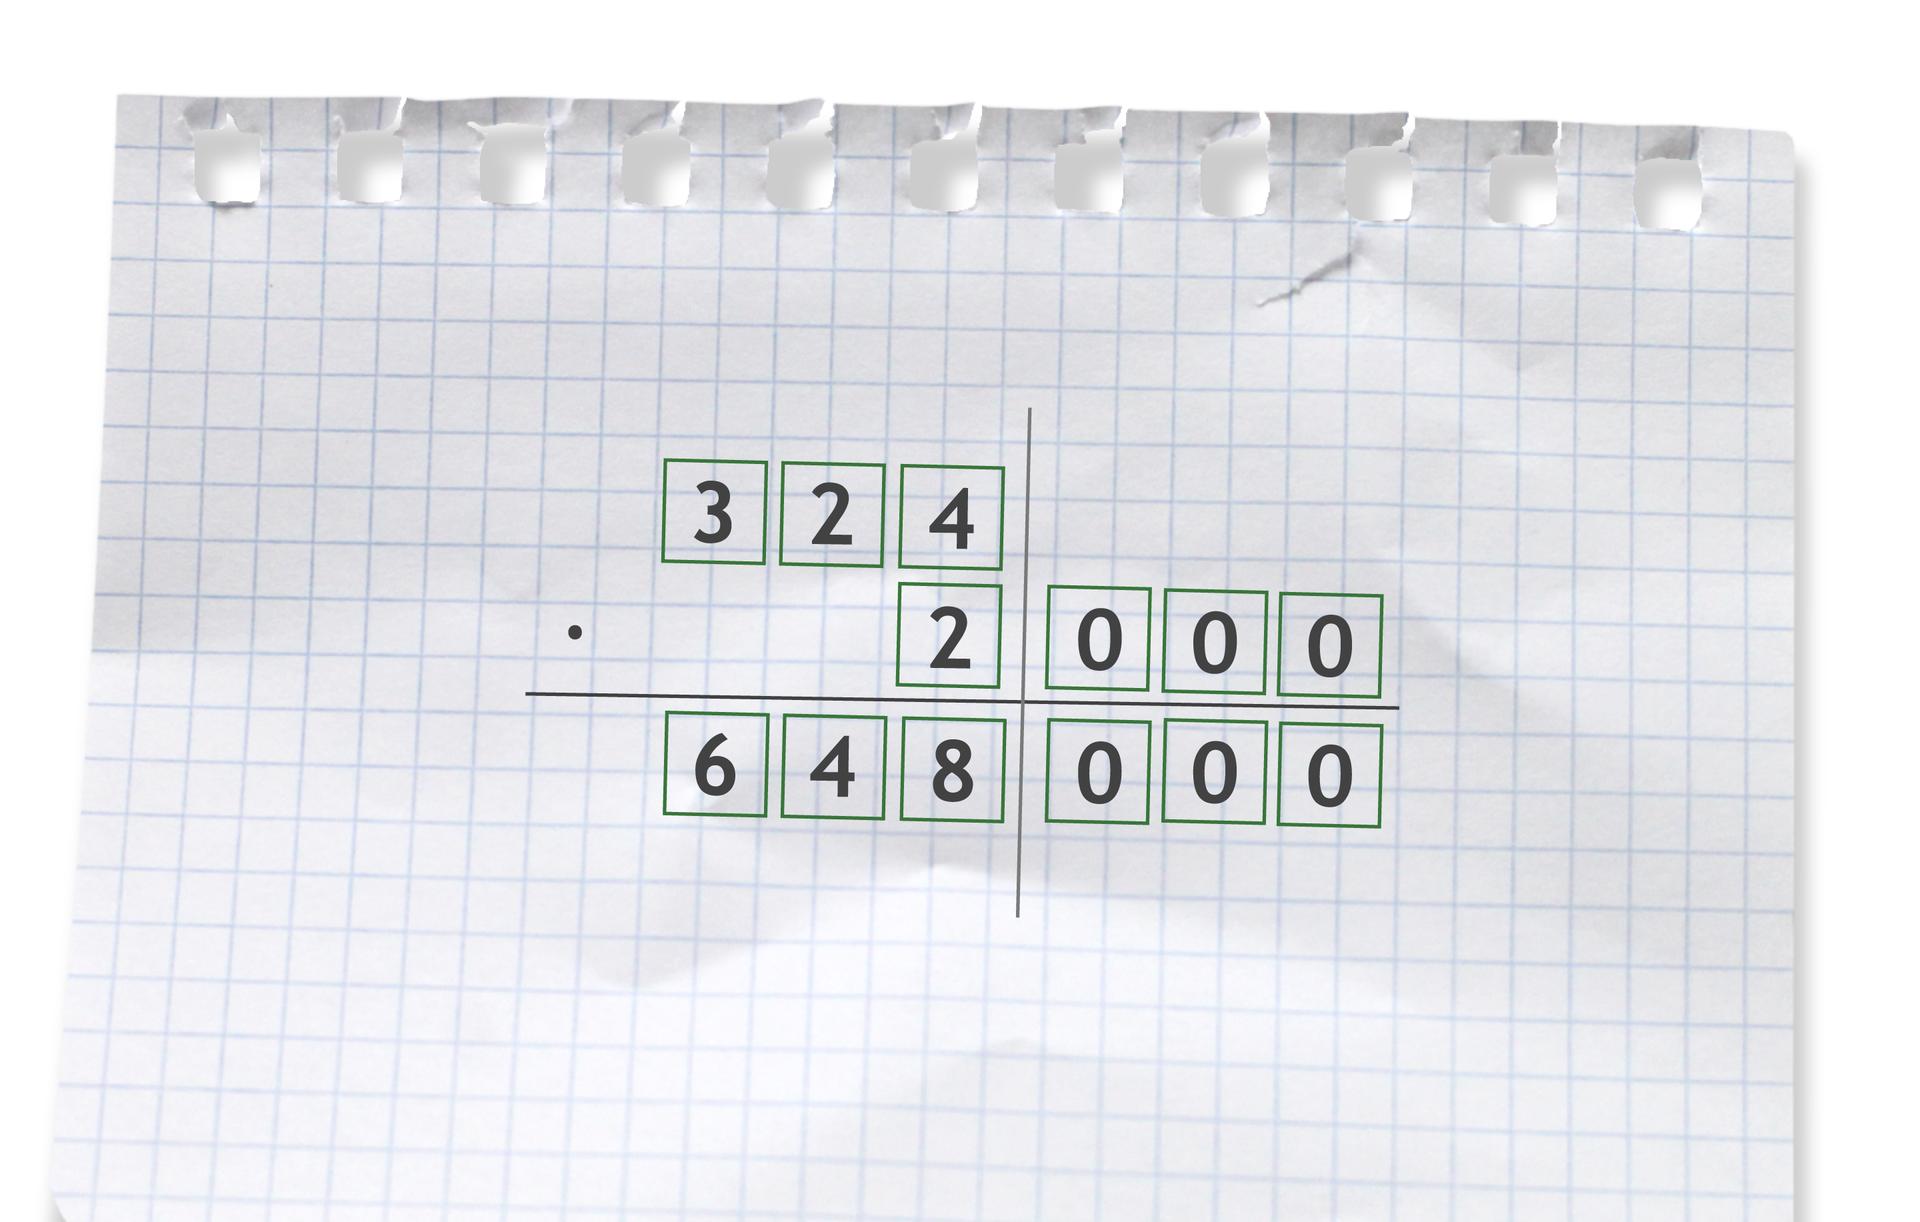 Przykład: 324 razy 2000 =648000. Rozwiązanie zadania podpunkt b.